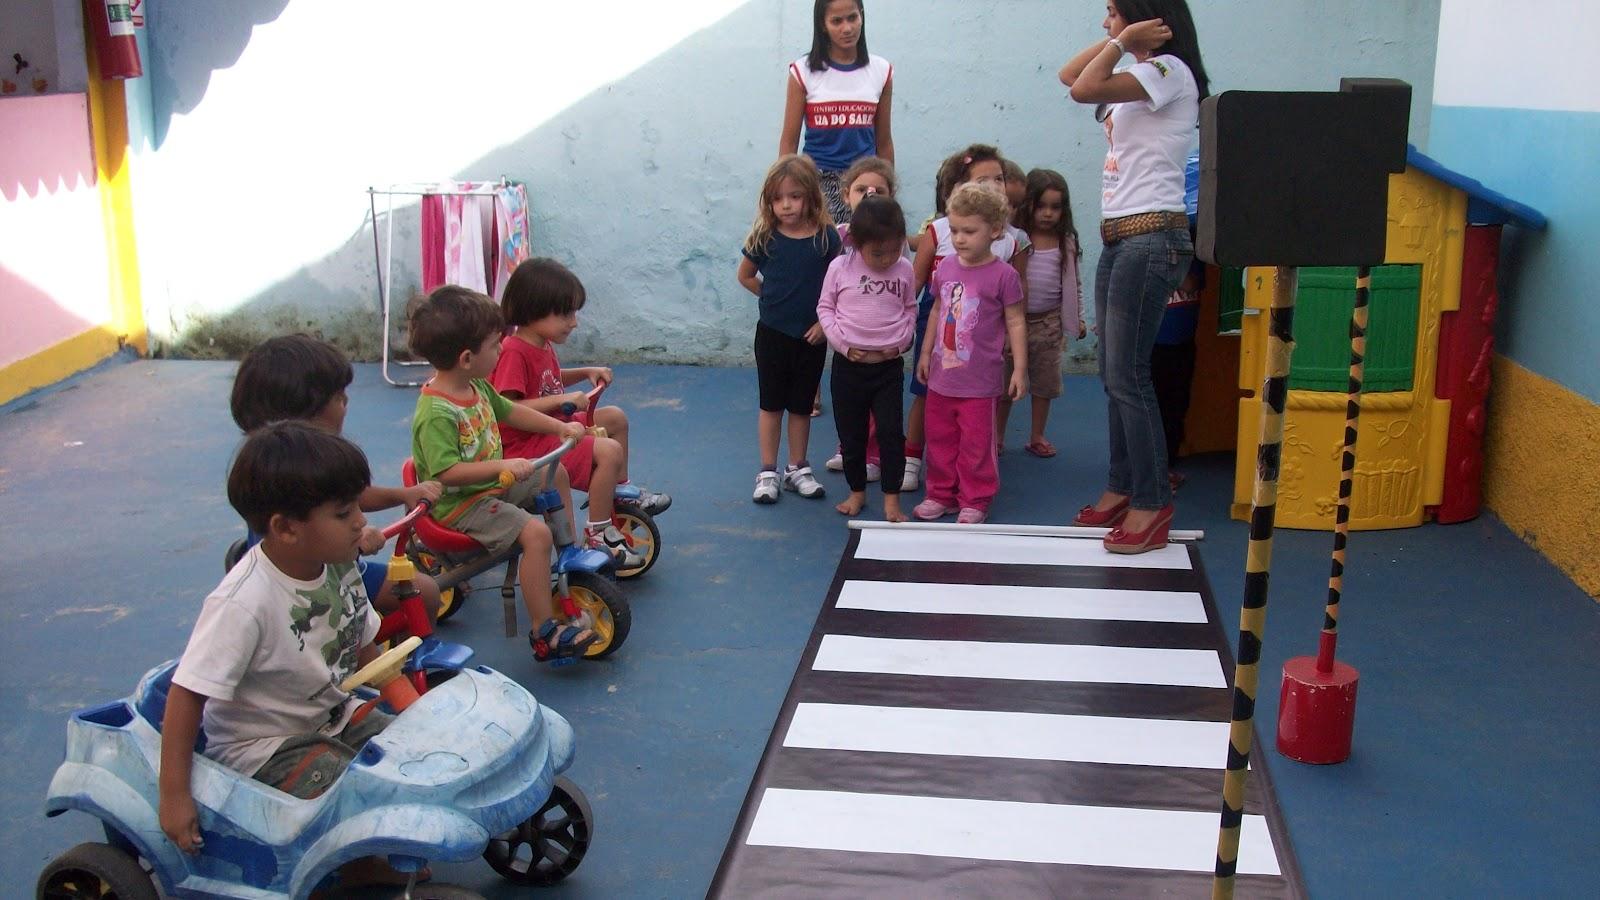 Cia do saber vila velha projeto tr nsito na escola for Mural sobre o transito